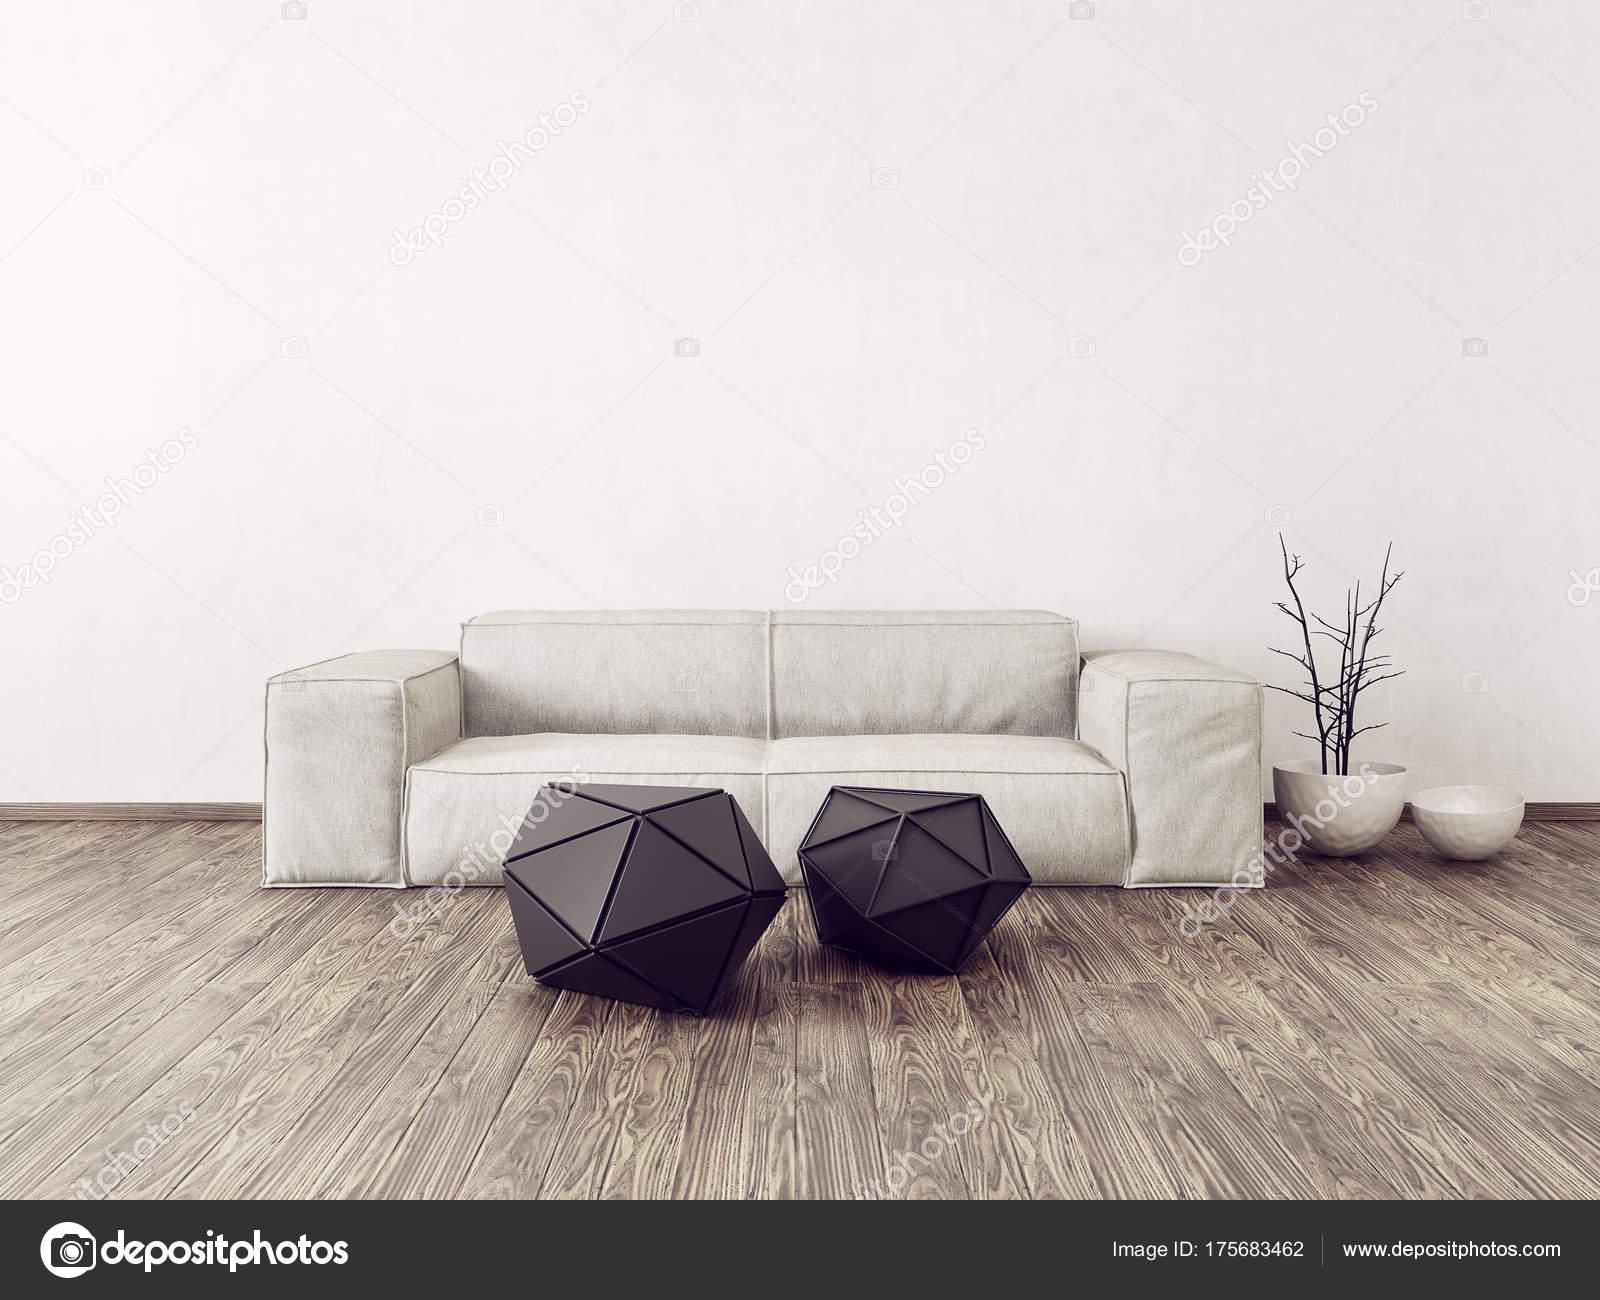 Modernes Wohnzimmer Mit Weißen Sofa Skandinavische Innenarchitektur Möbel  Render Illustration U2014 Stockfoto